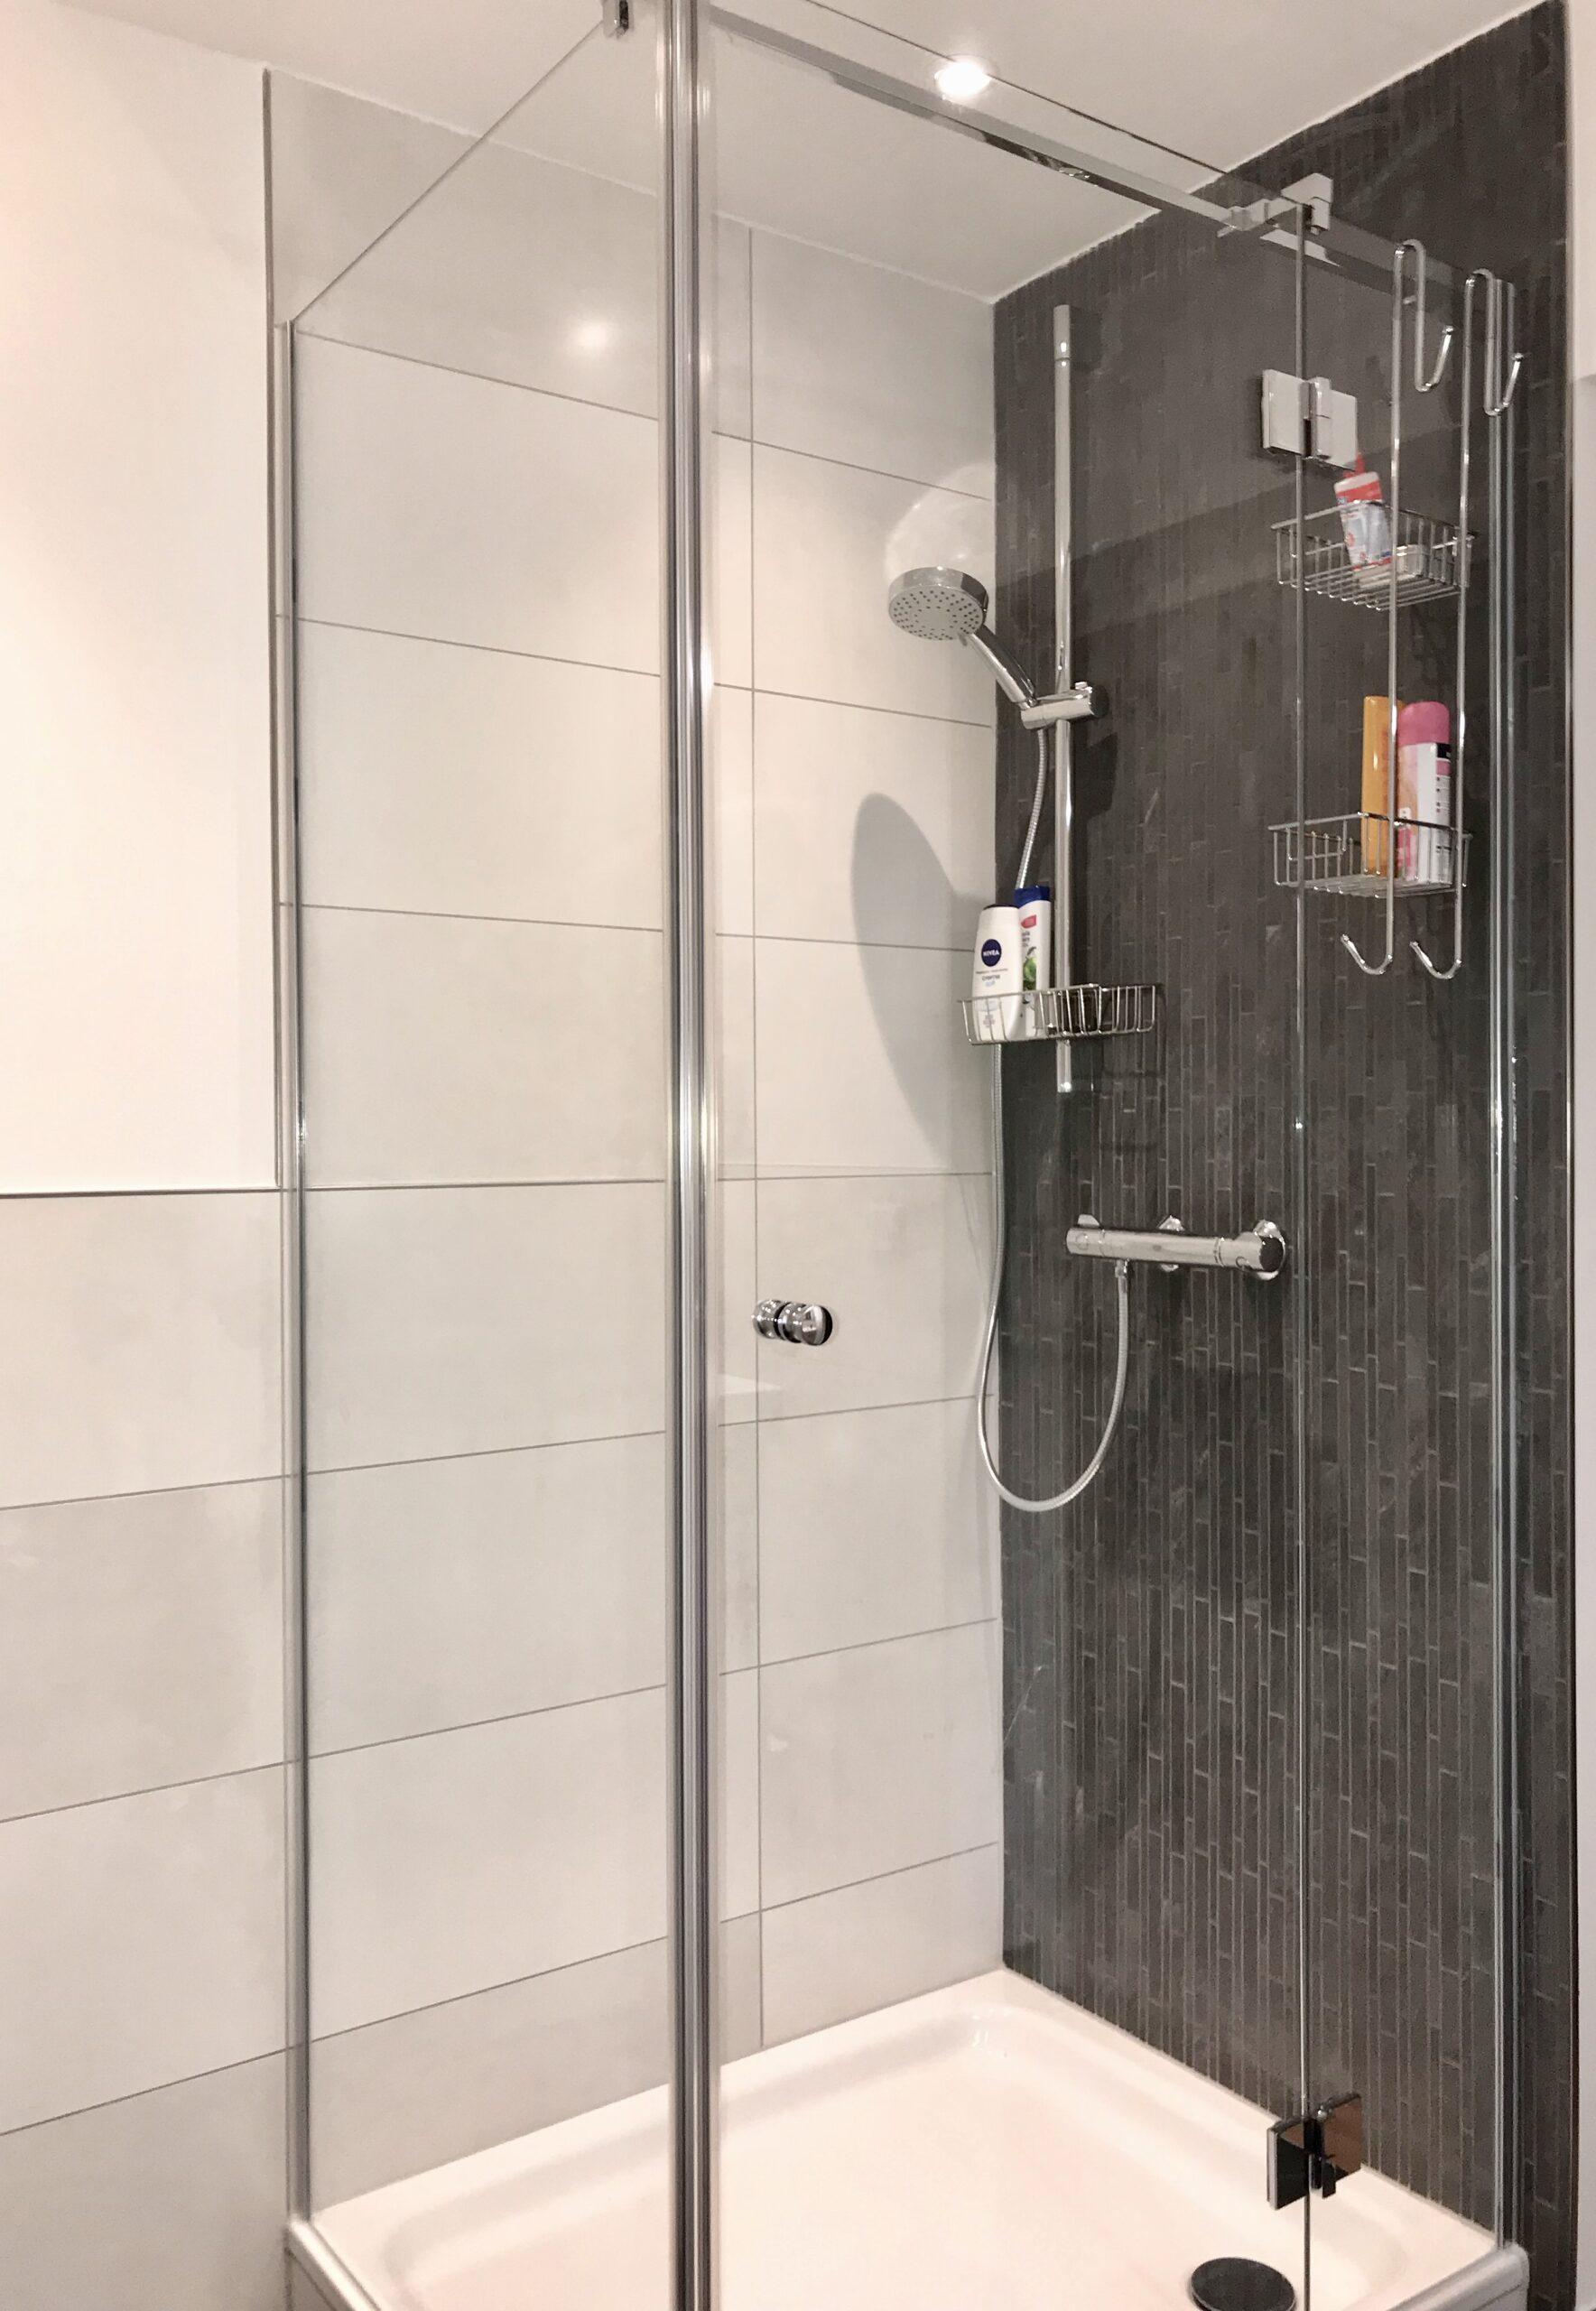 Full Size of Fliesen Dusche Reinigen Hausmittel Schimmel Rutschfeste Naturstein Bad Mosaik Dunkle Versiegeln Rutschfestigkeitsklassen Boden Mit Rutschhemmung Badezimmer Dusche Fliesen Dusche